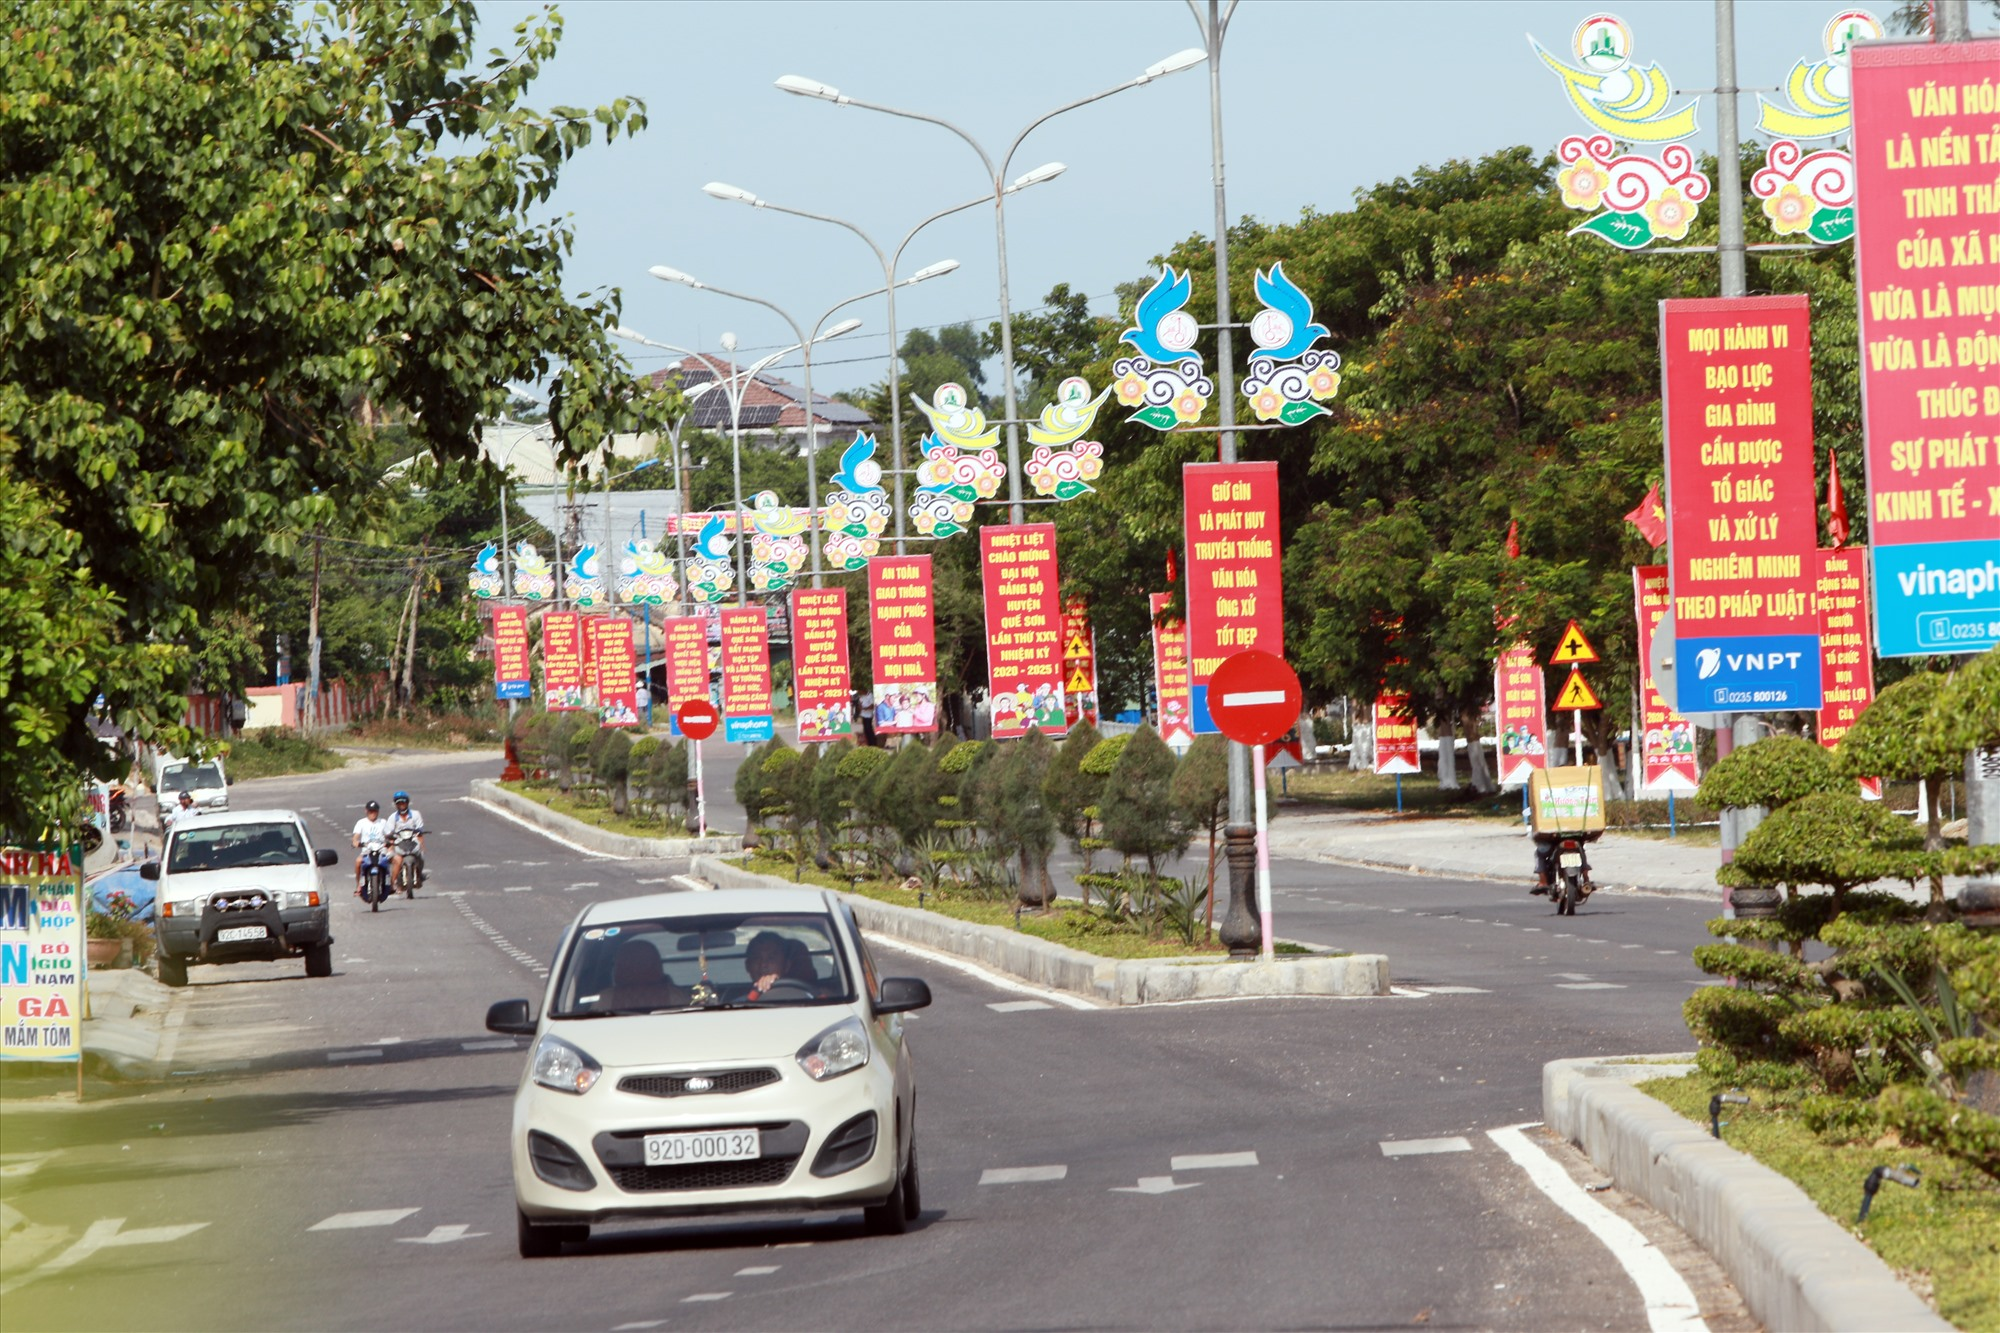 Diện mạo thị trấn Đông Phú (Quế Sơn) ngày càng khang trang. Ảnh: S.C